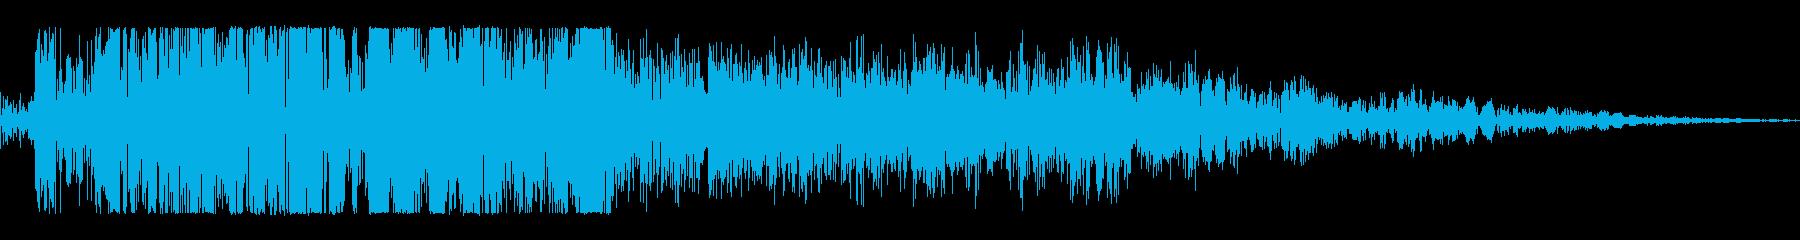 パンチを受け止めるの再生済みの波形